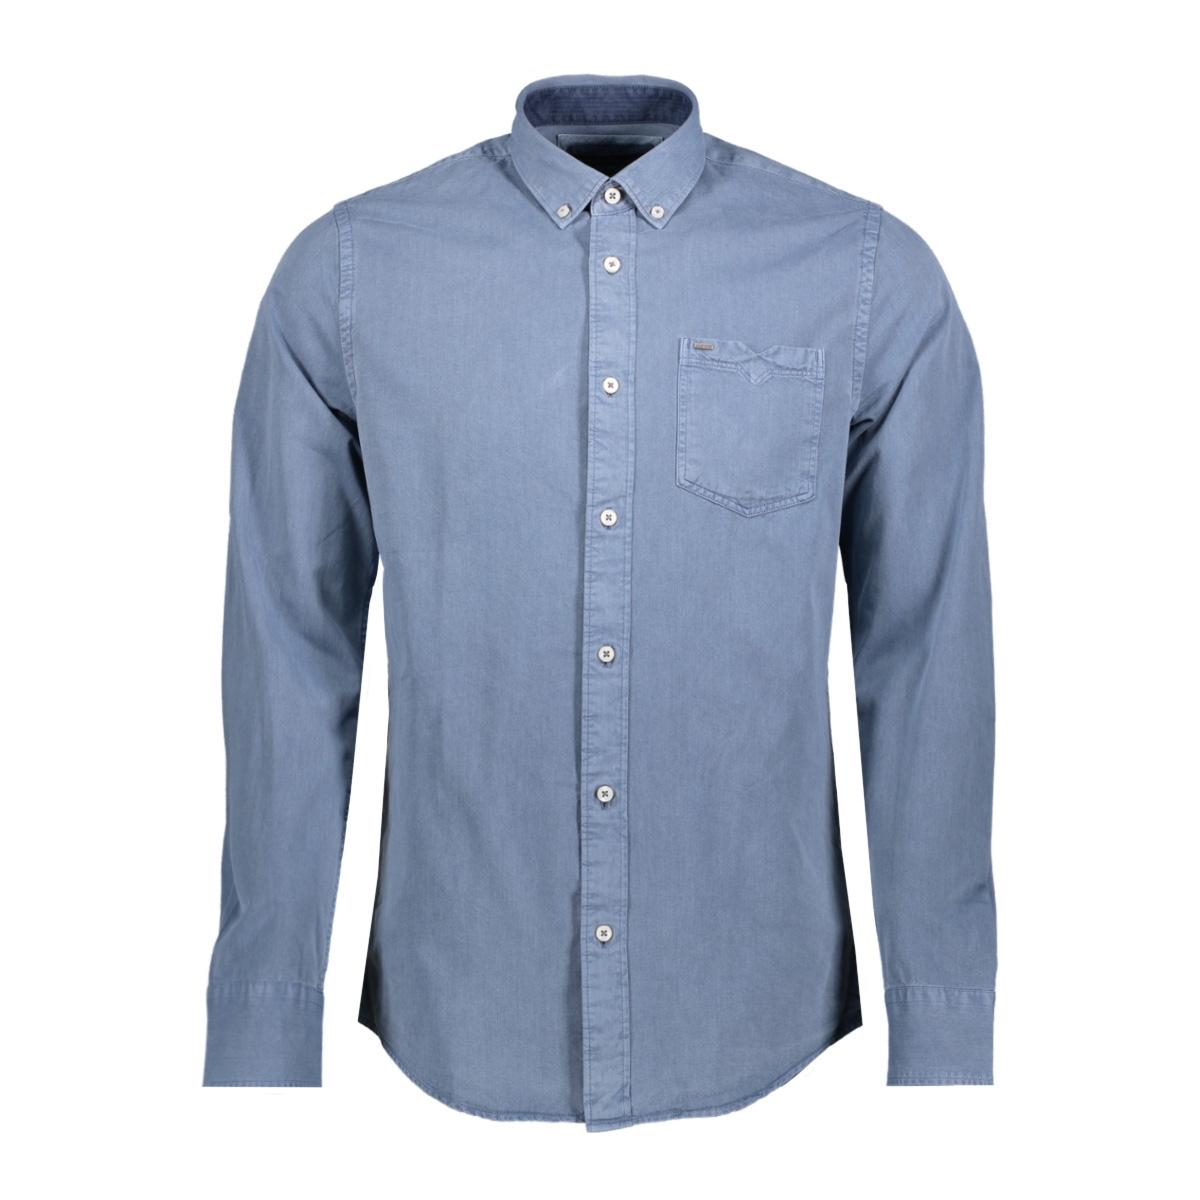 vsi176414 vanguard overhemd 5482